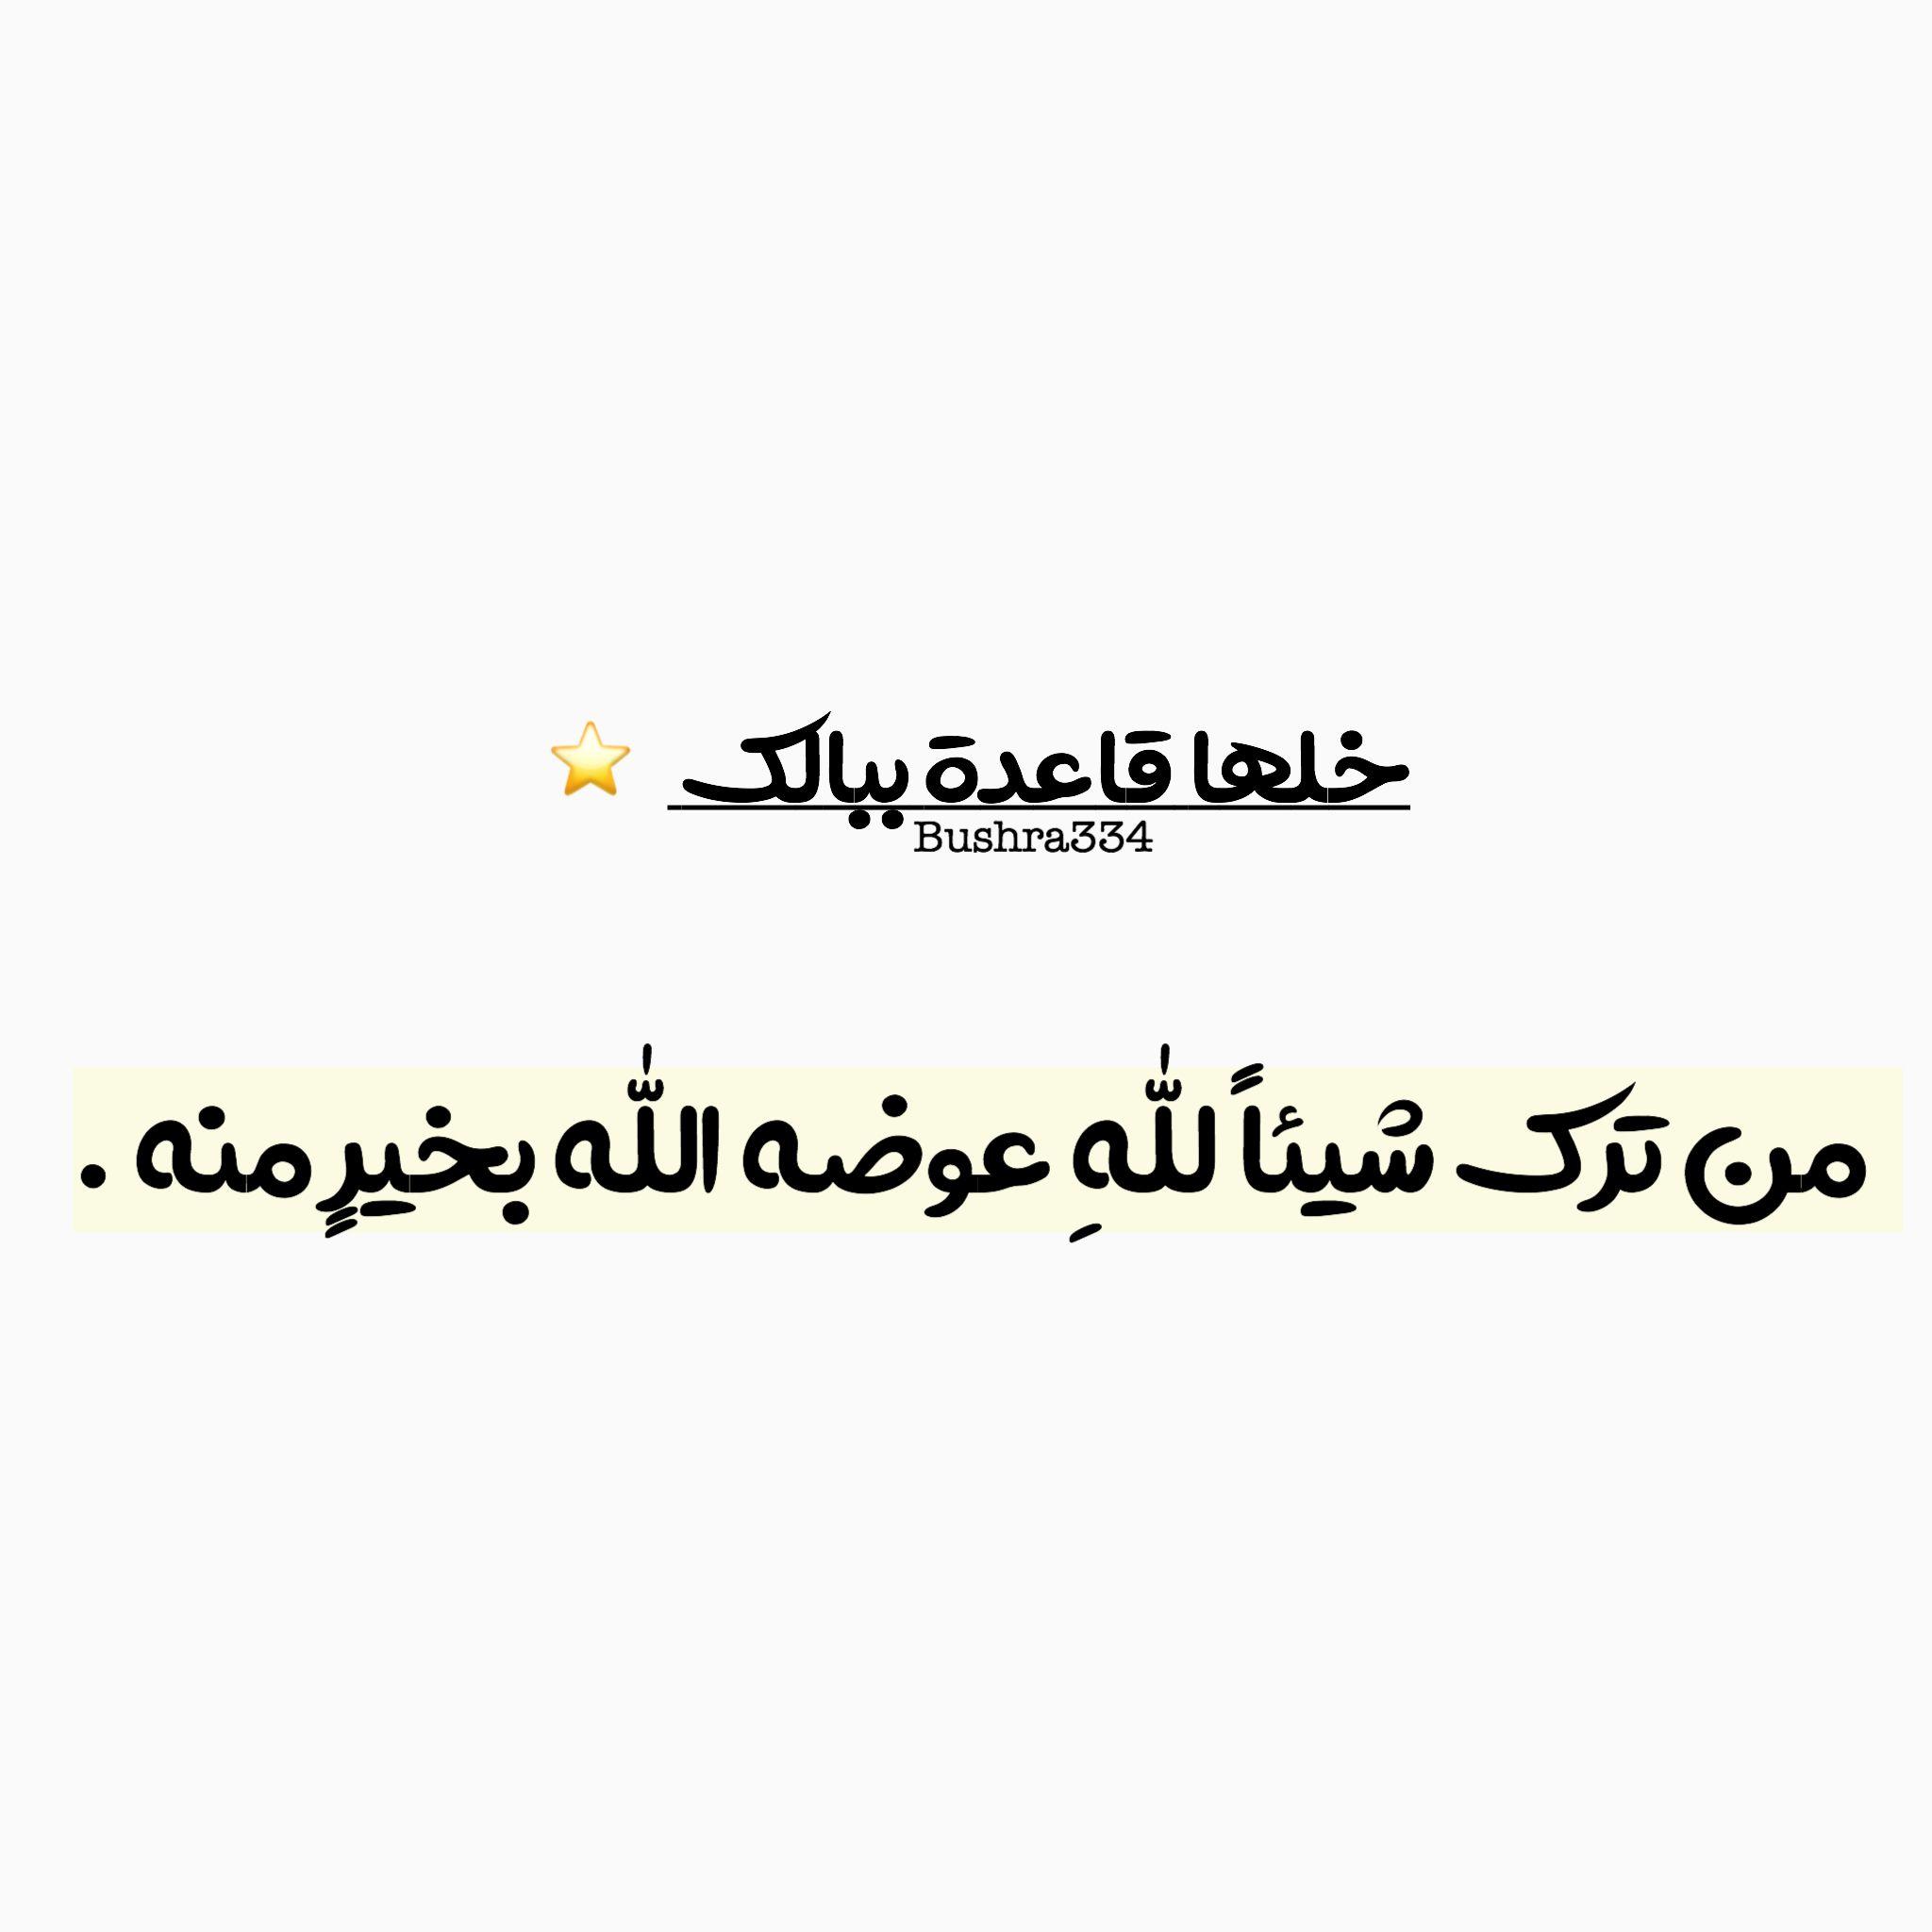 من ترك شيئا لله عوضه خيرا منه Quotes Arabic Calligraphy